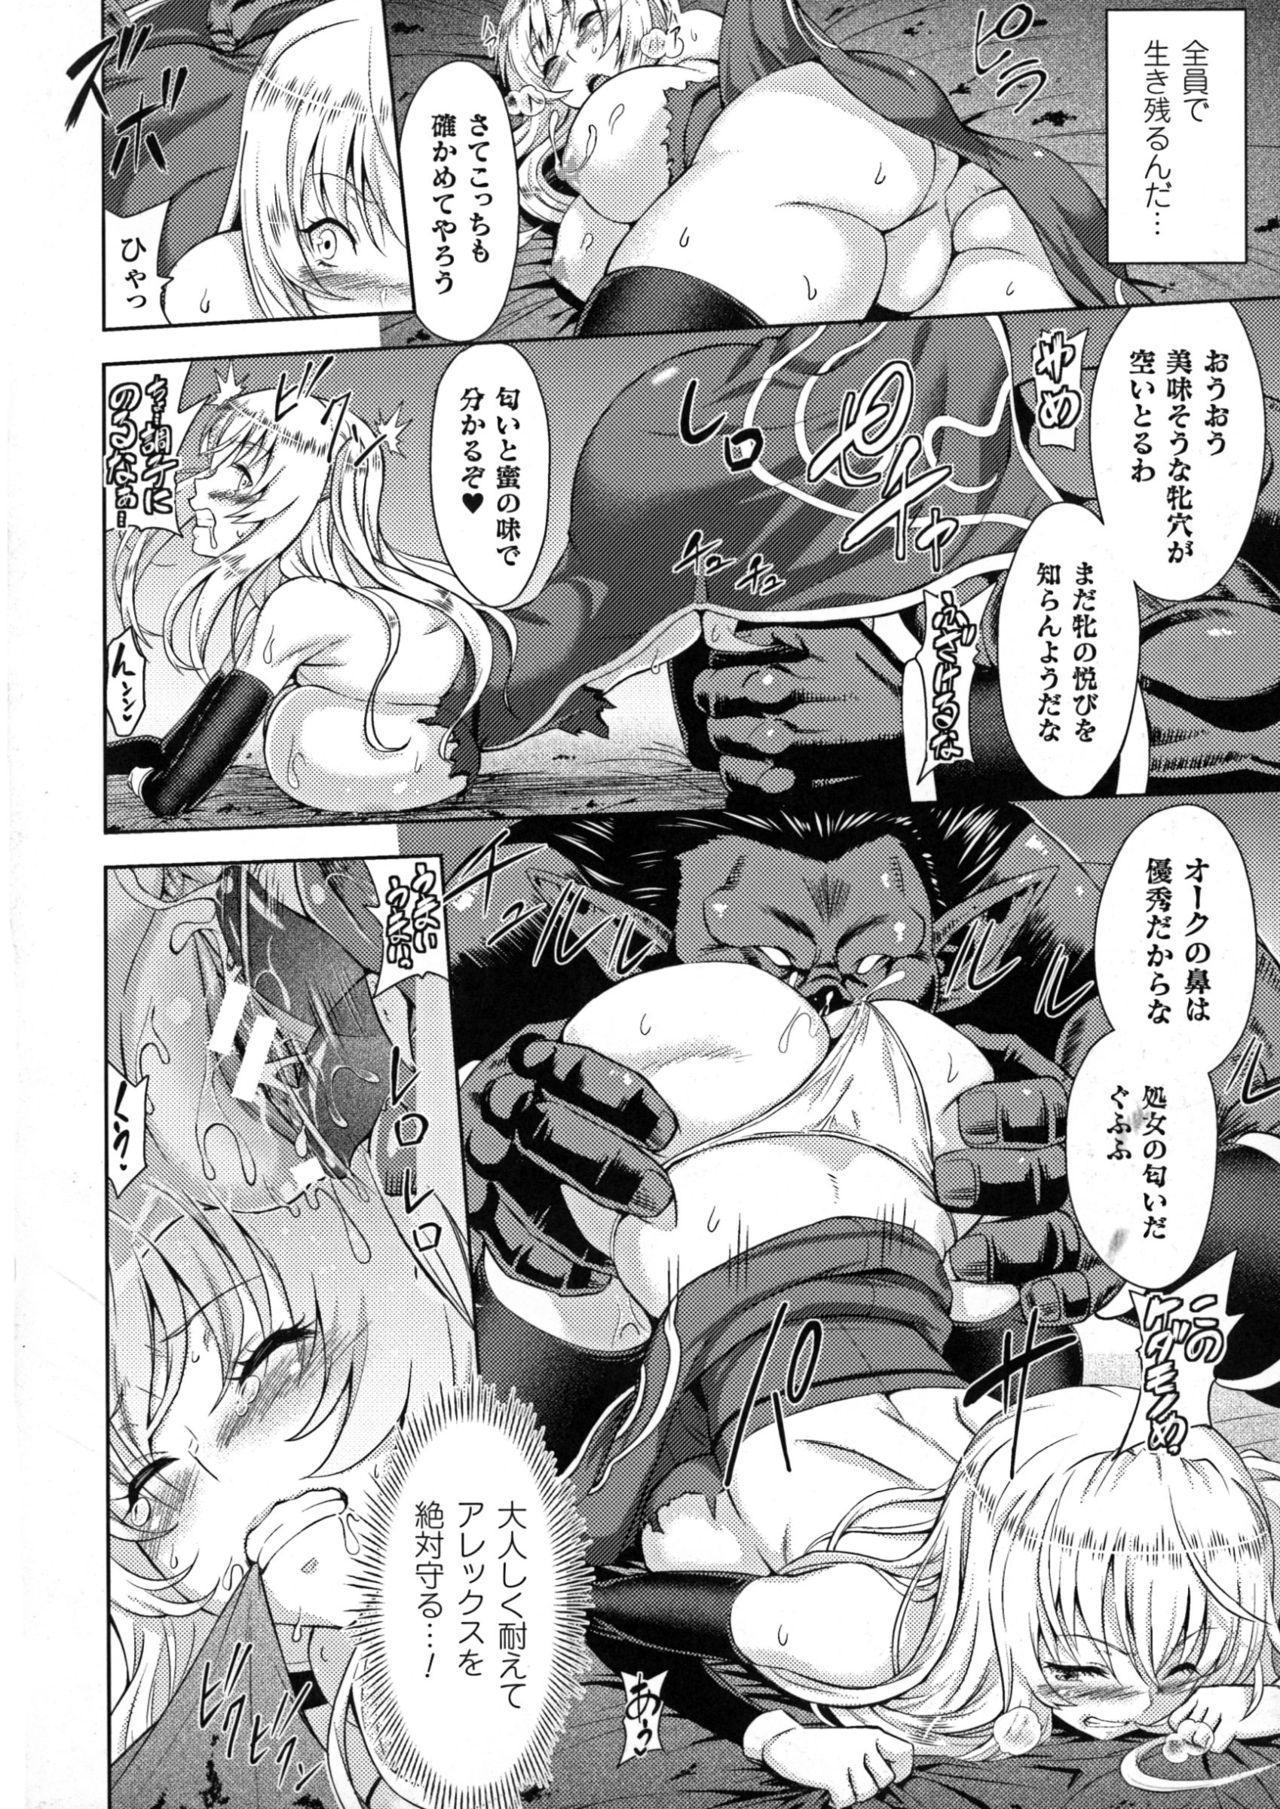 ERONA Orc no Inmon ni Okasareta Onna Kishi no Matsuro 13